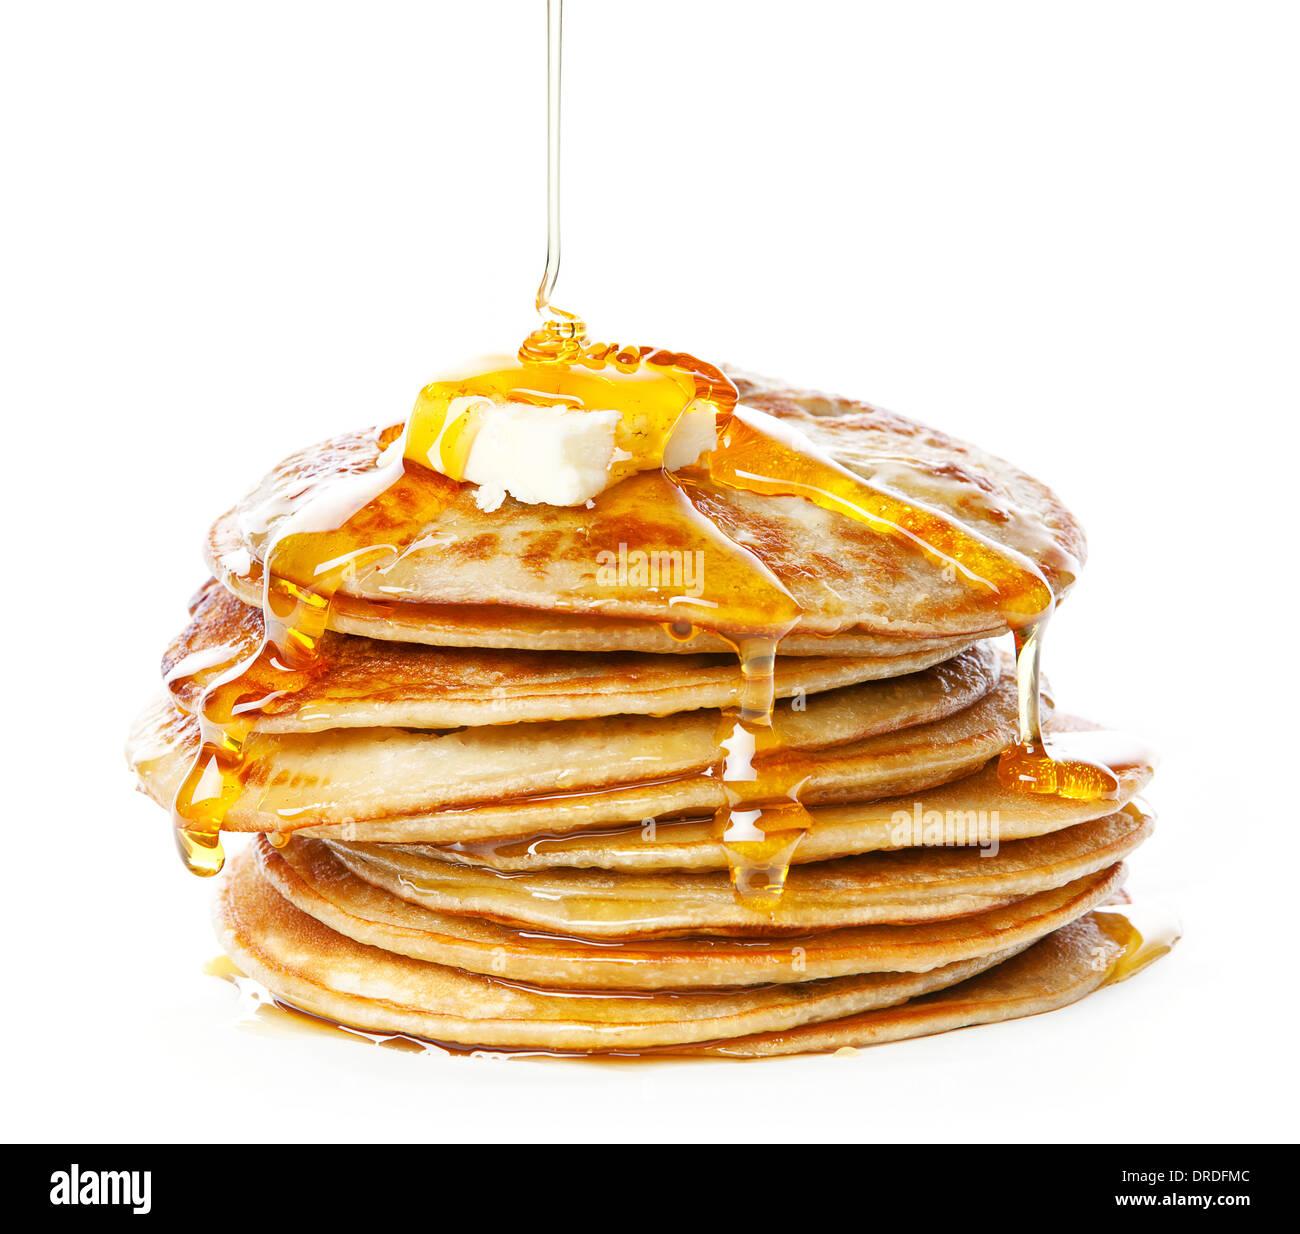 Stapel von kleinen Pfannkuchen in Sirup auf weißem Hintergrund Stockbild